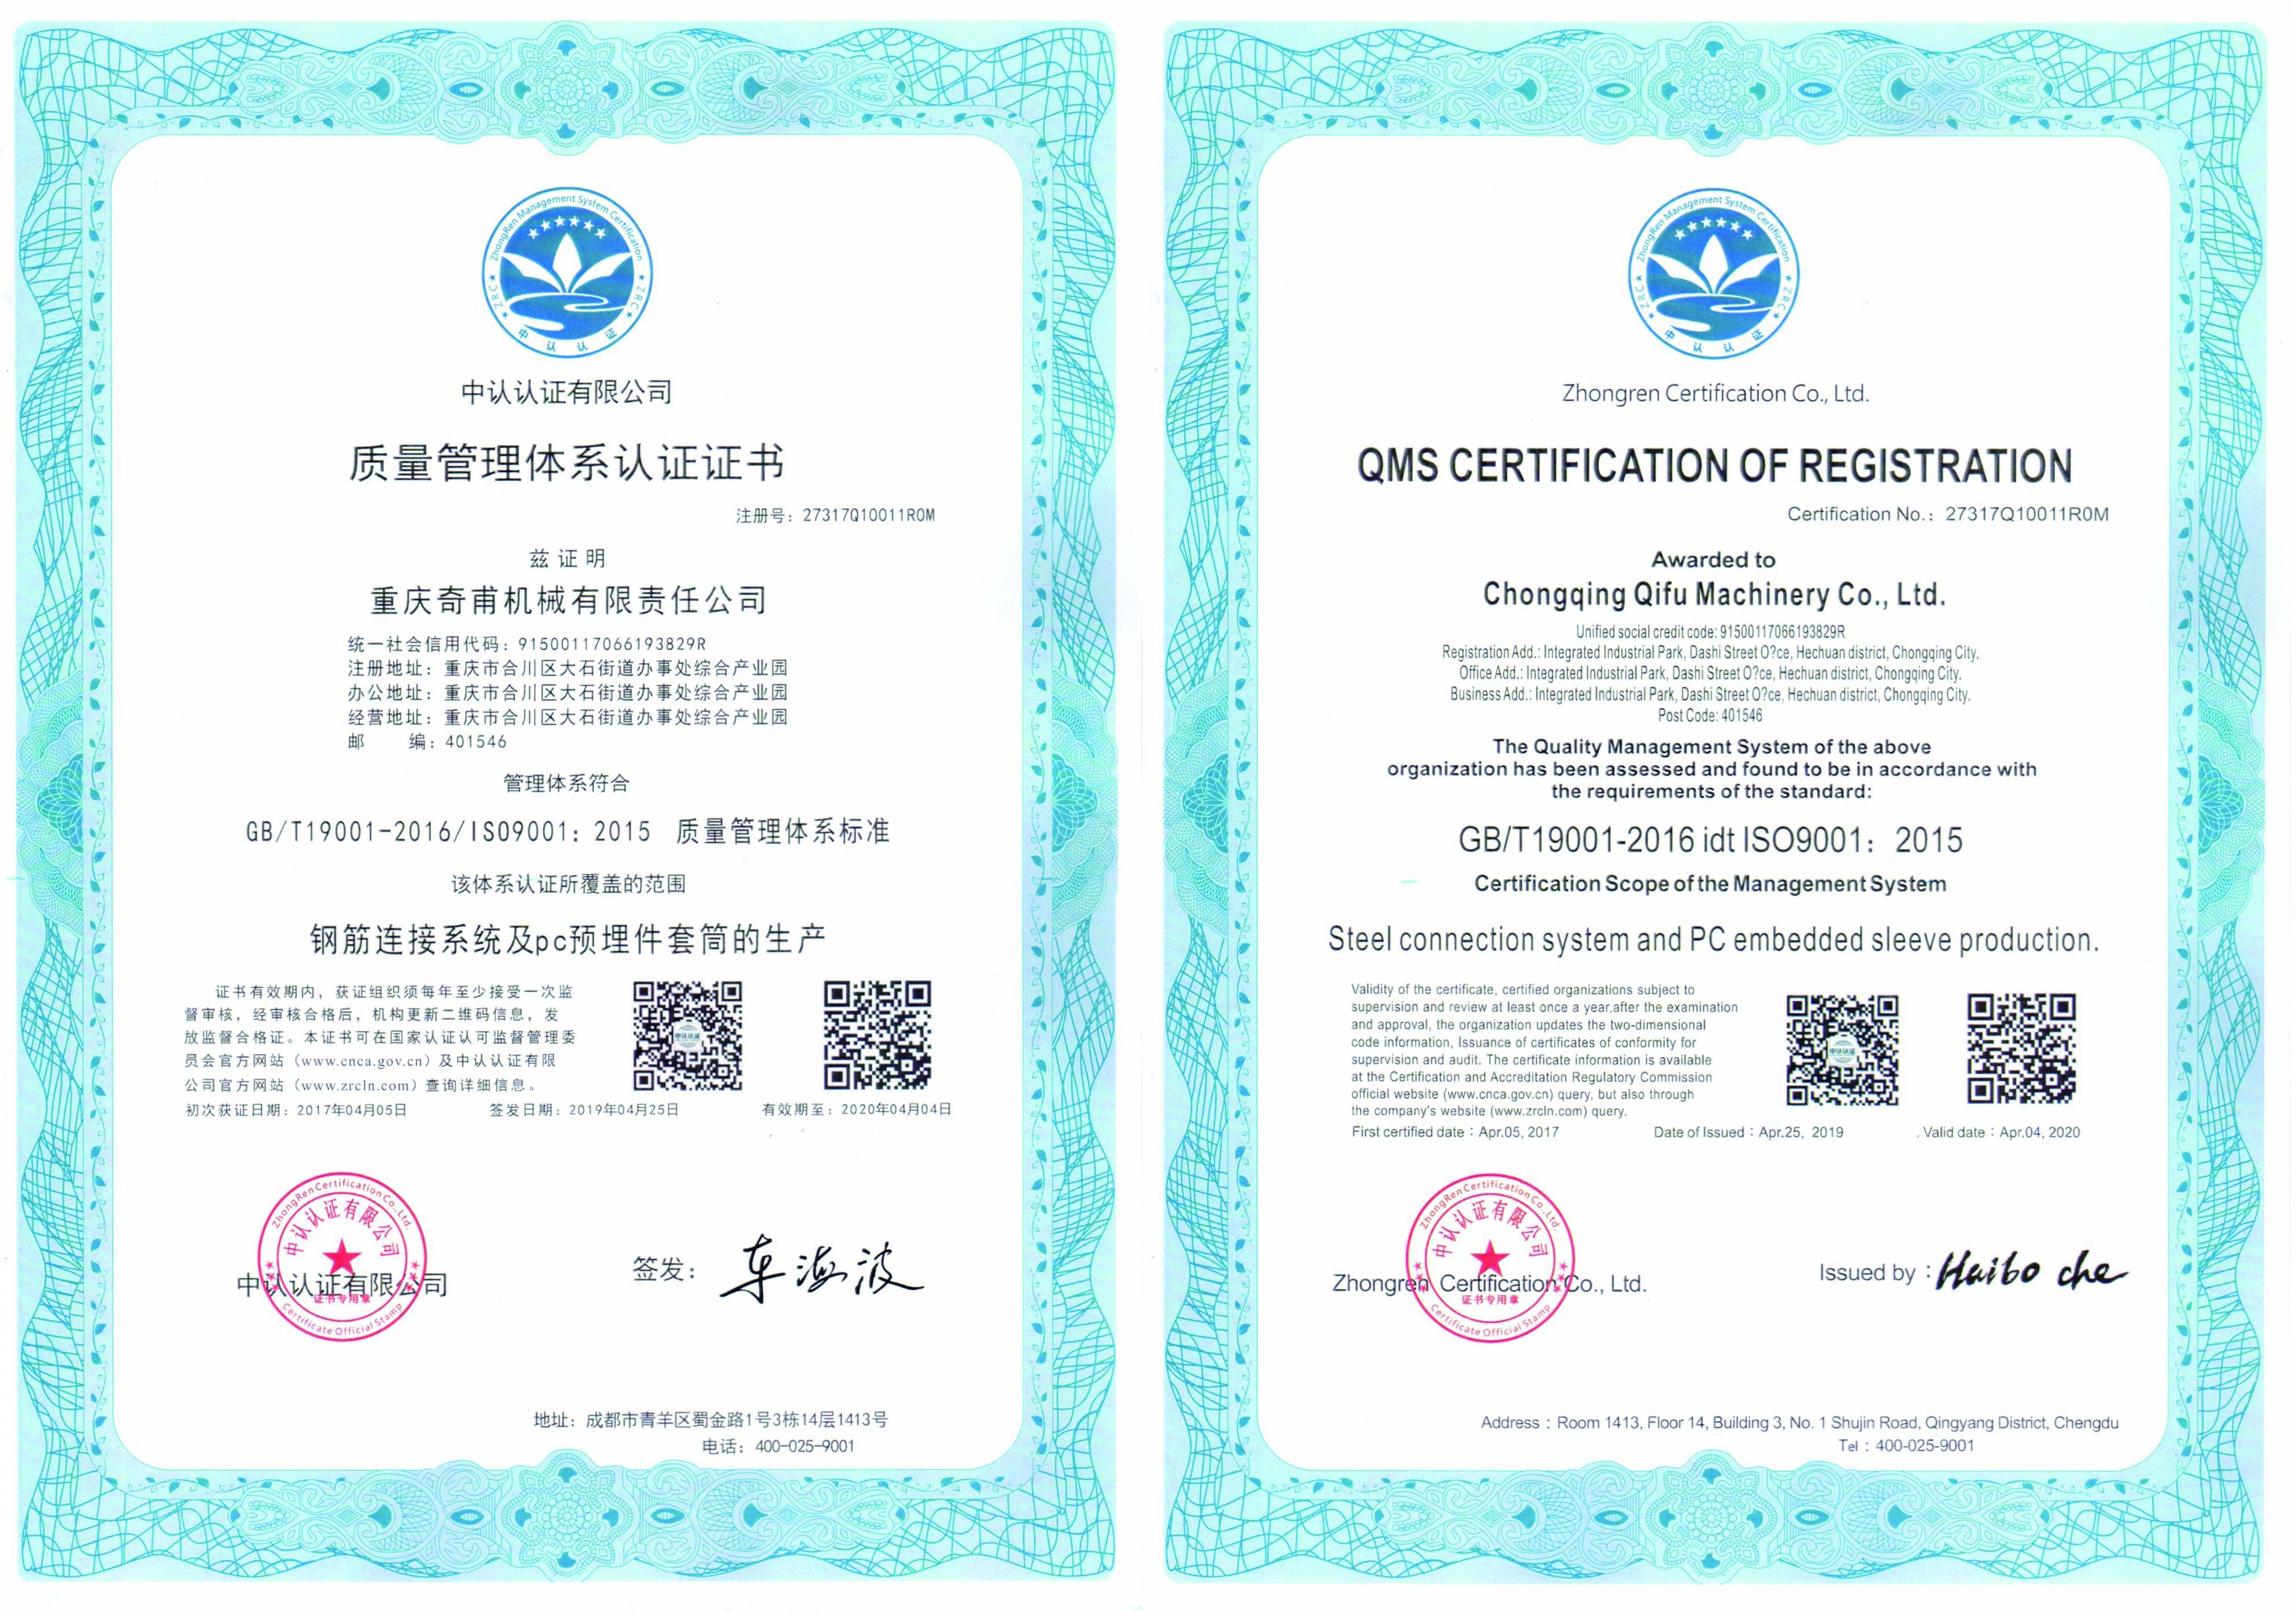 德赢app官网下载安装连接系统及PC预埋件vwin德赢体育app的生产—中文版